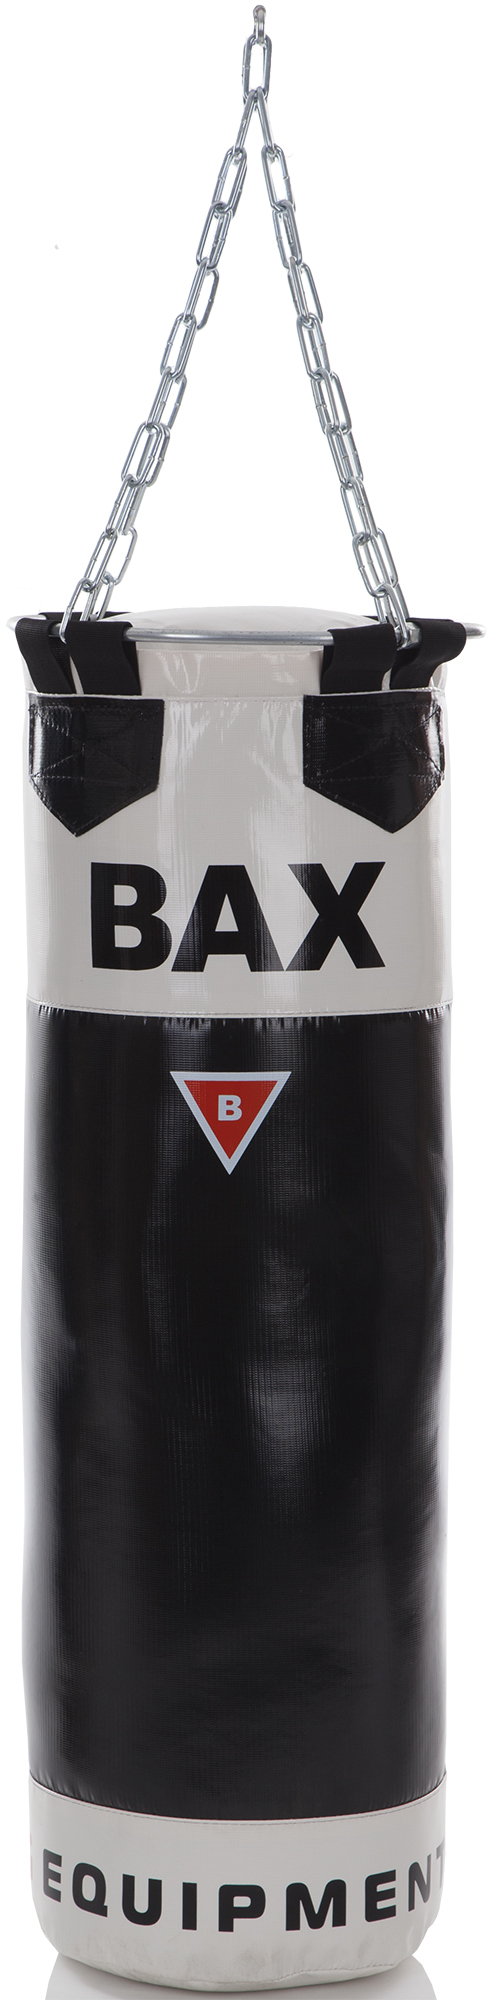 Bax Мешок набивной BAX, 20 кг